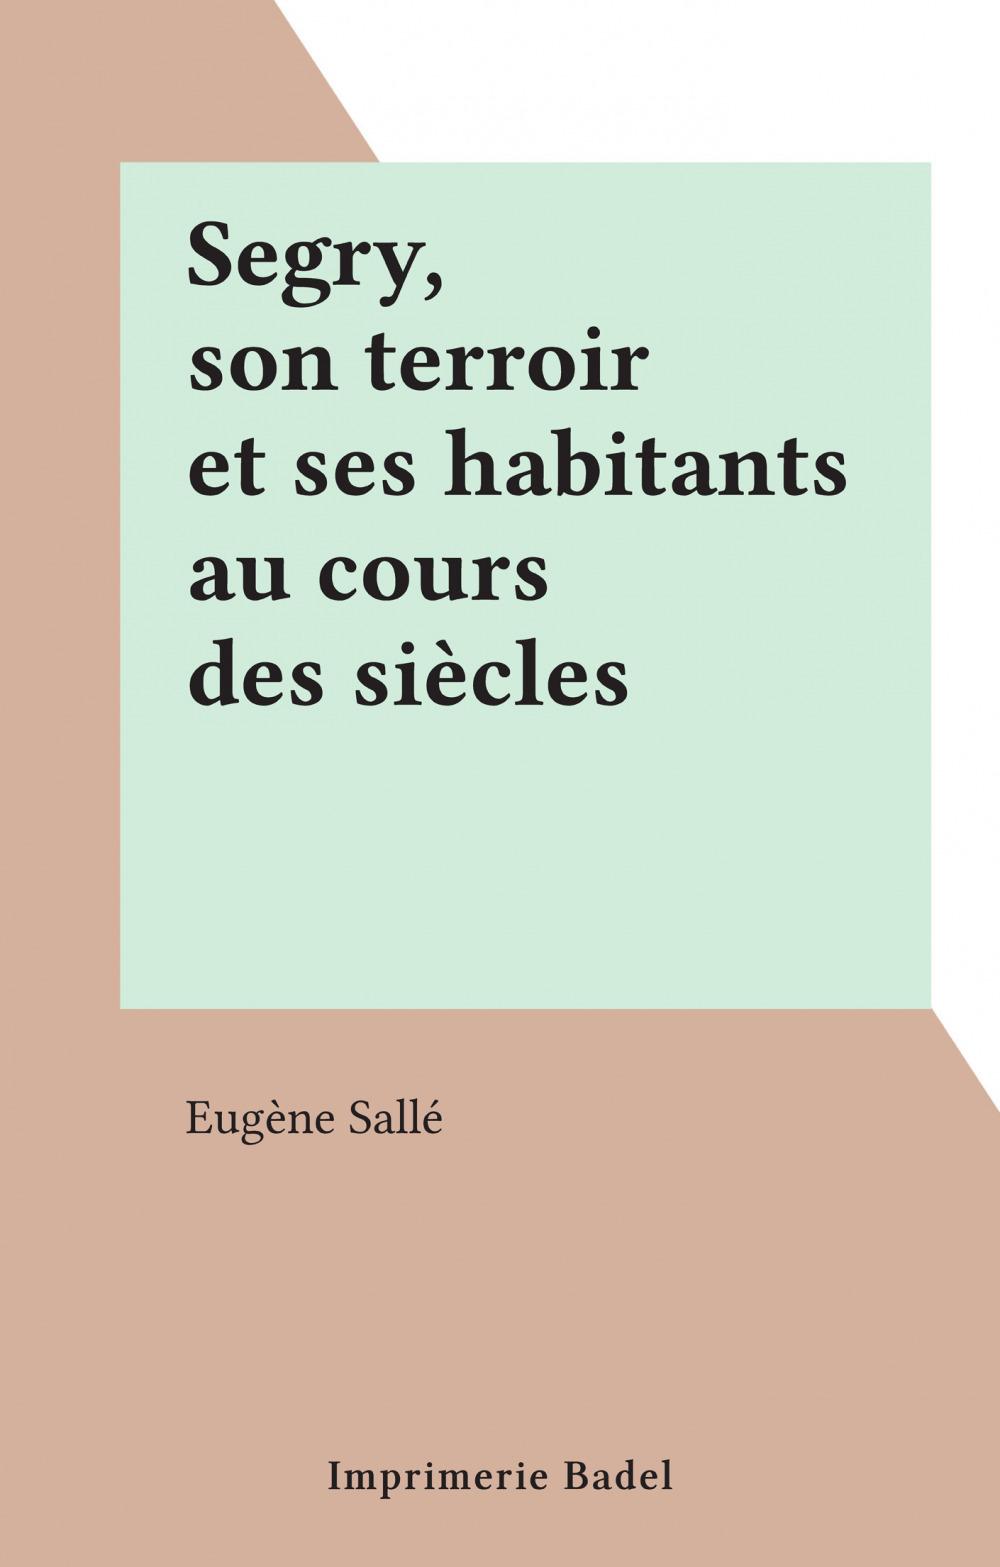 Segry, son terroir et ses habitants au cours des siècles  - Eugène Sallé